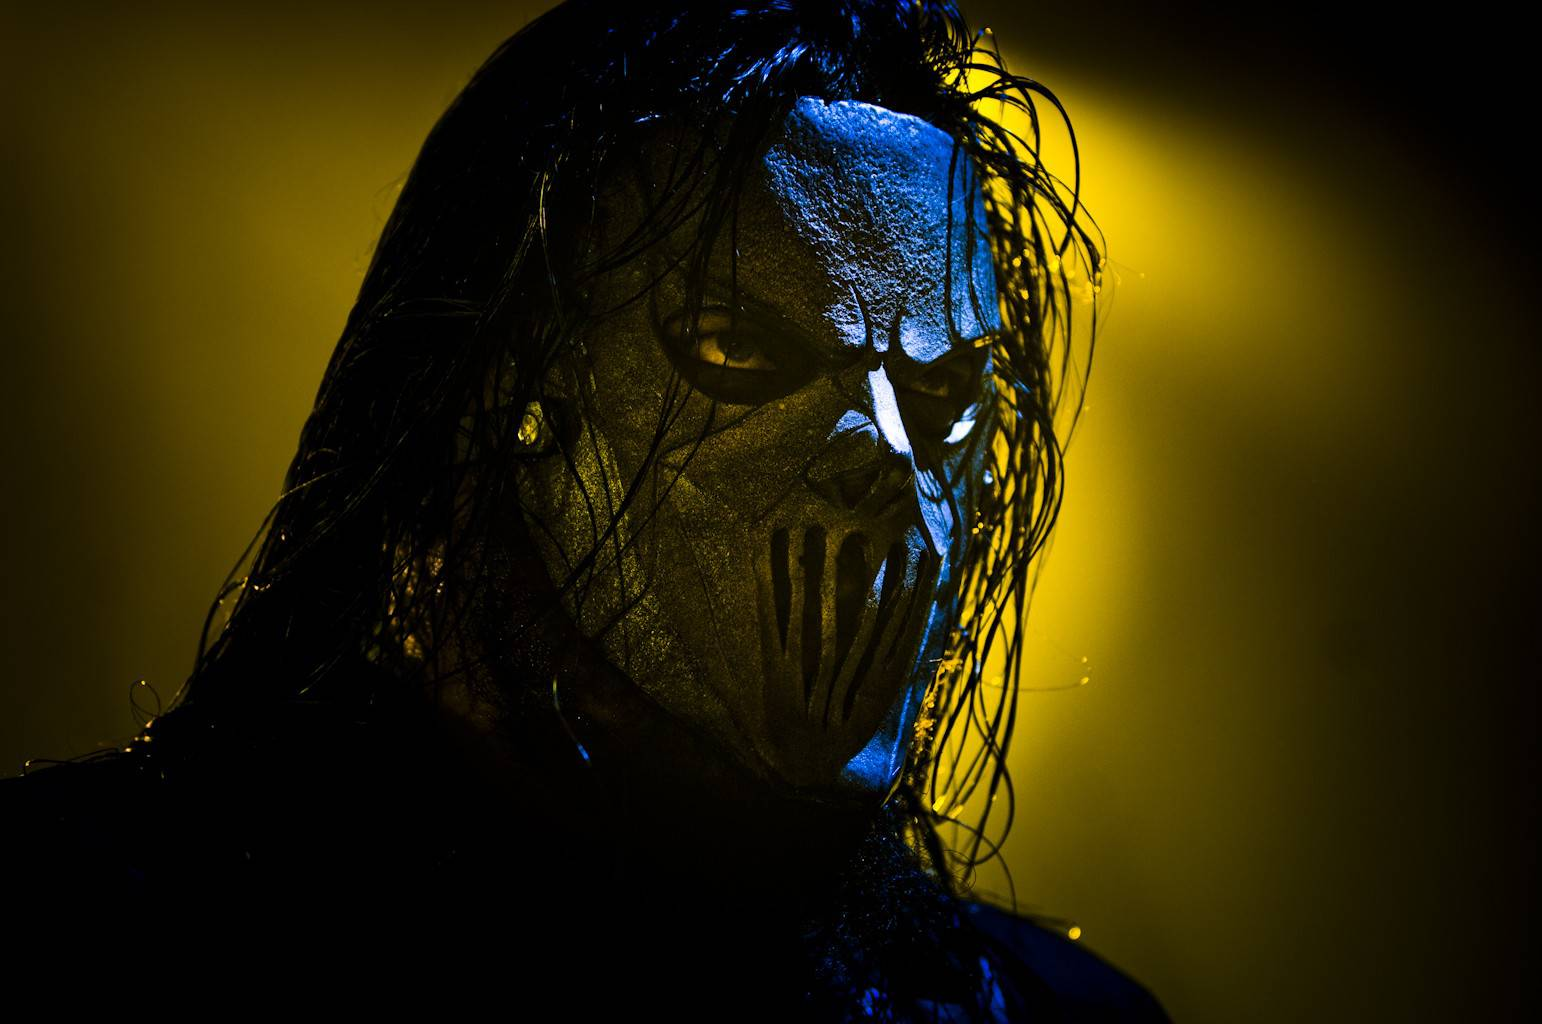 Doommetal